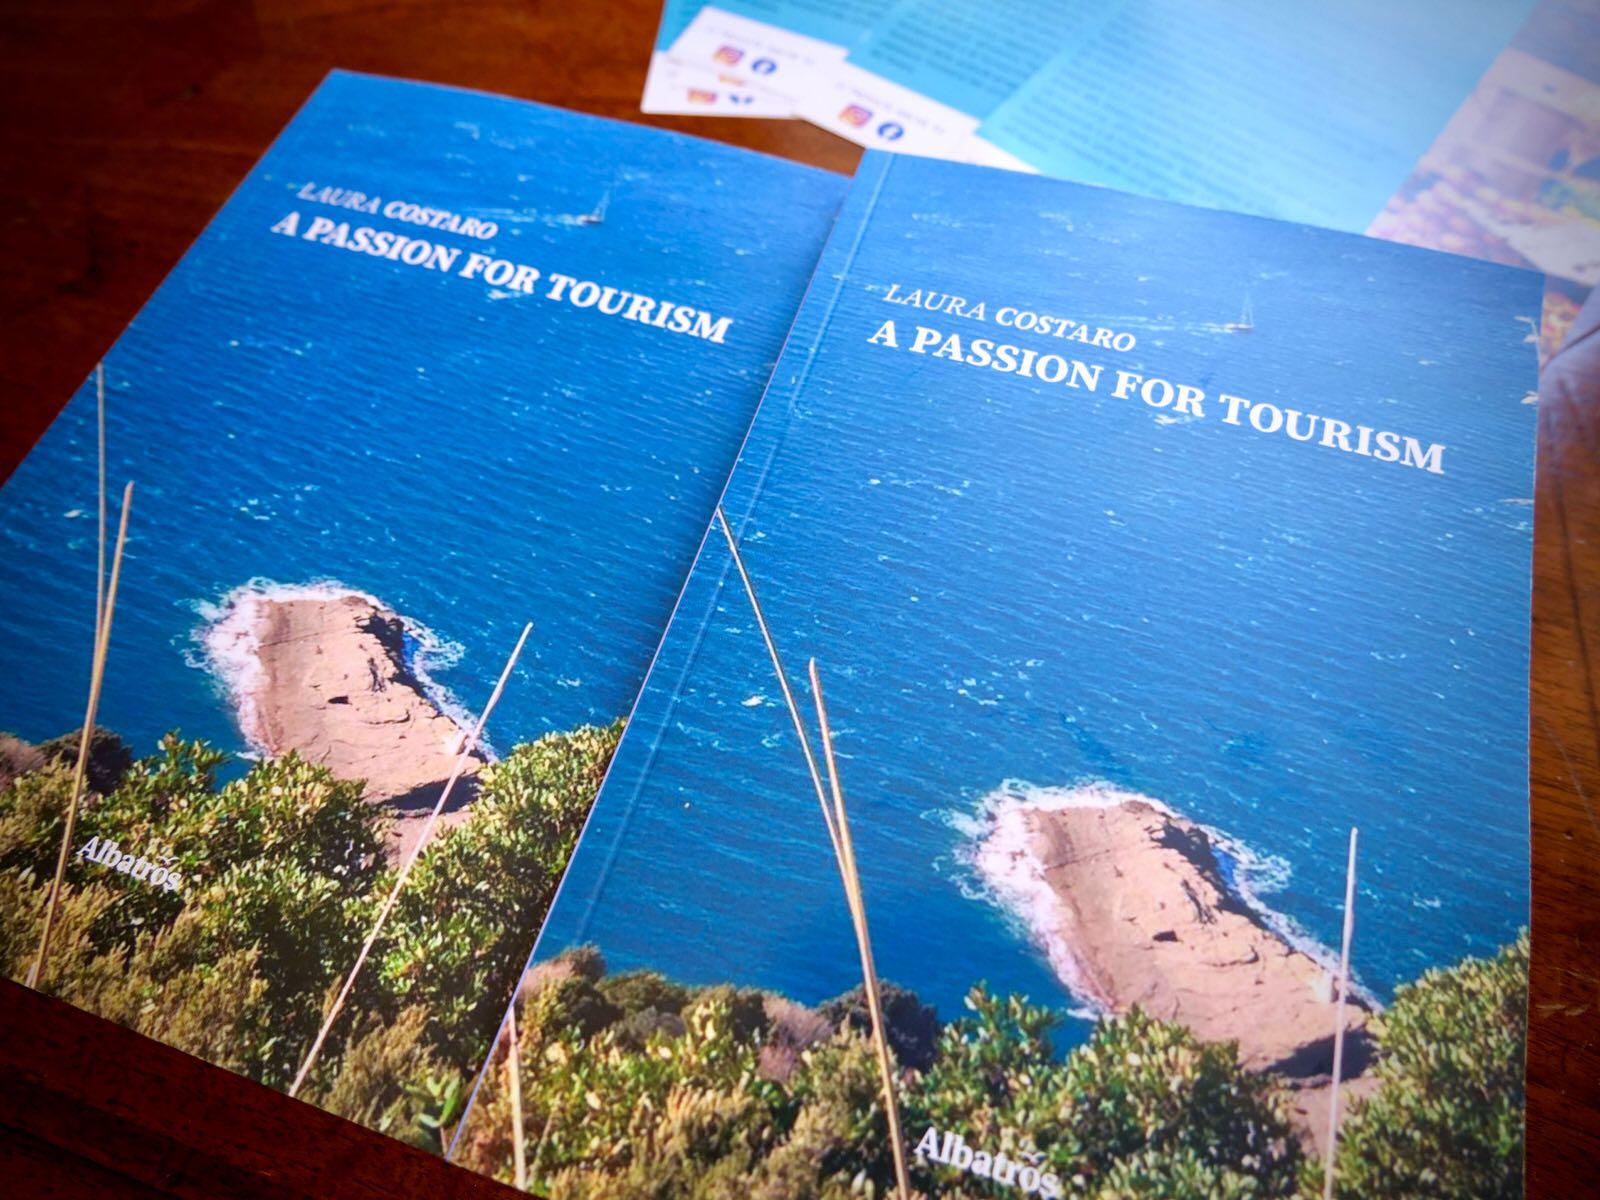 Conferenza Stampa presentazione libro Laura Costaro - A Passion for Tourism 2019.07.26 - 6